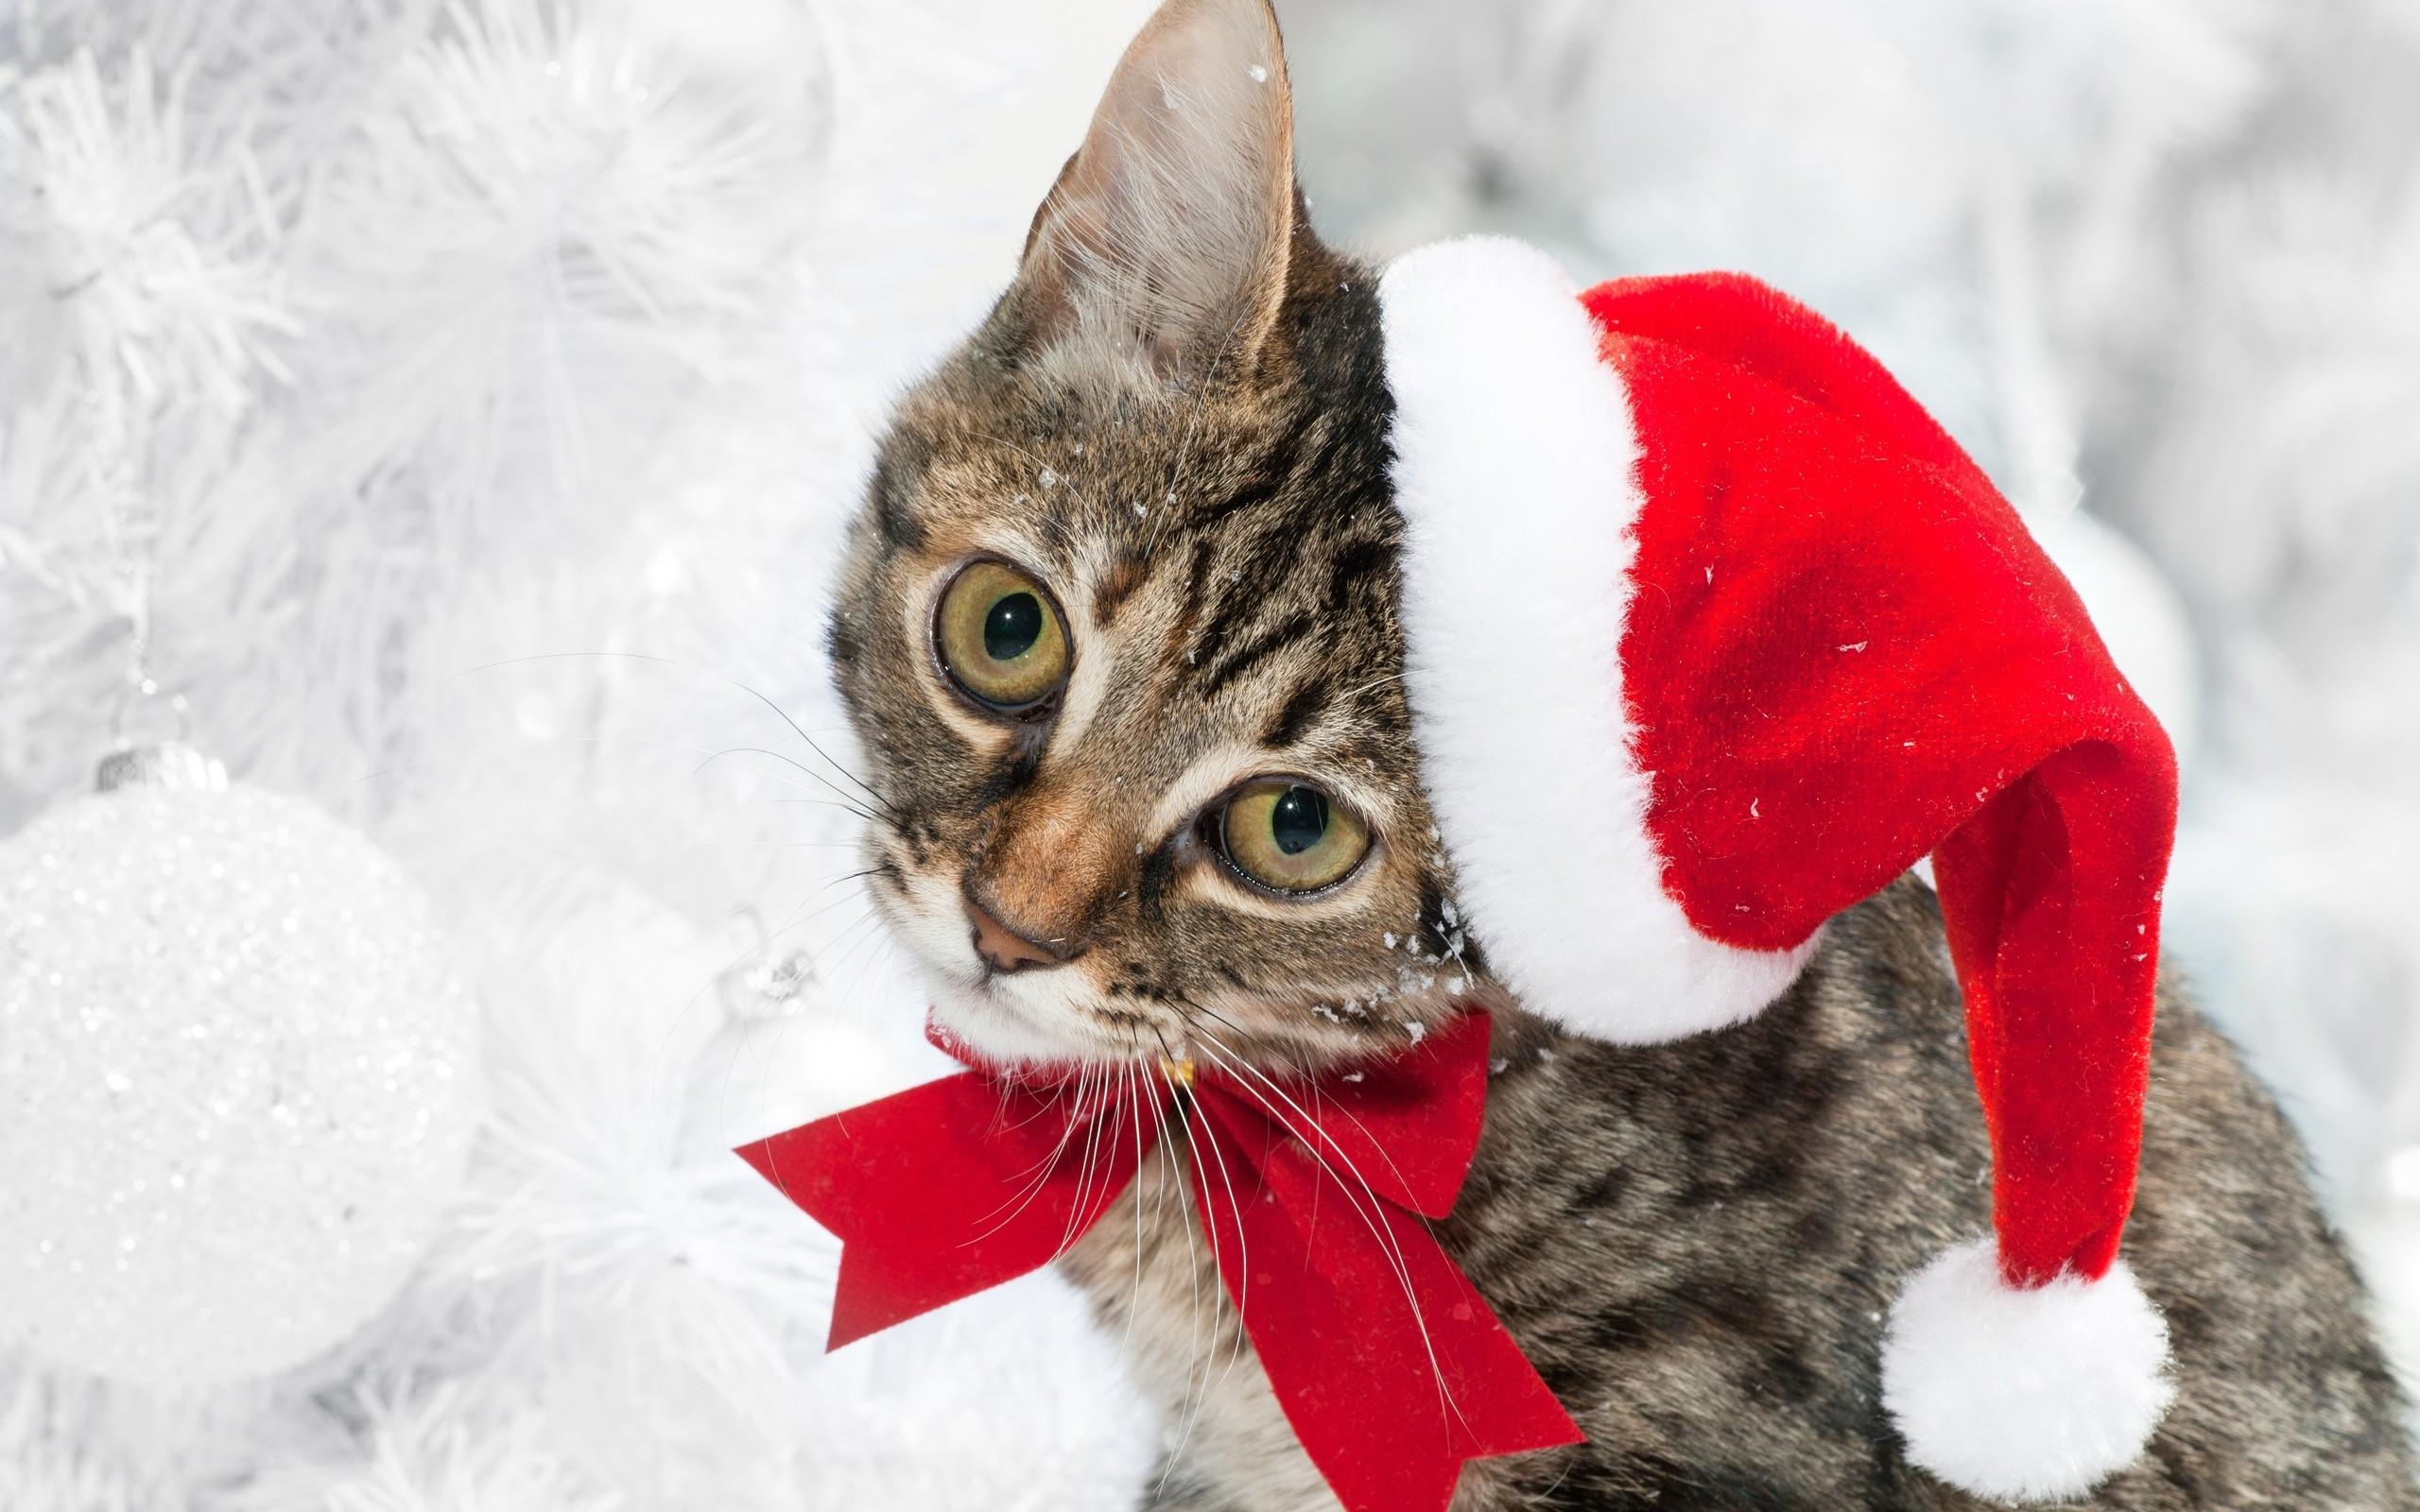 Lindo gato con gorro de navidad - 2560x1600